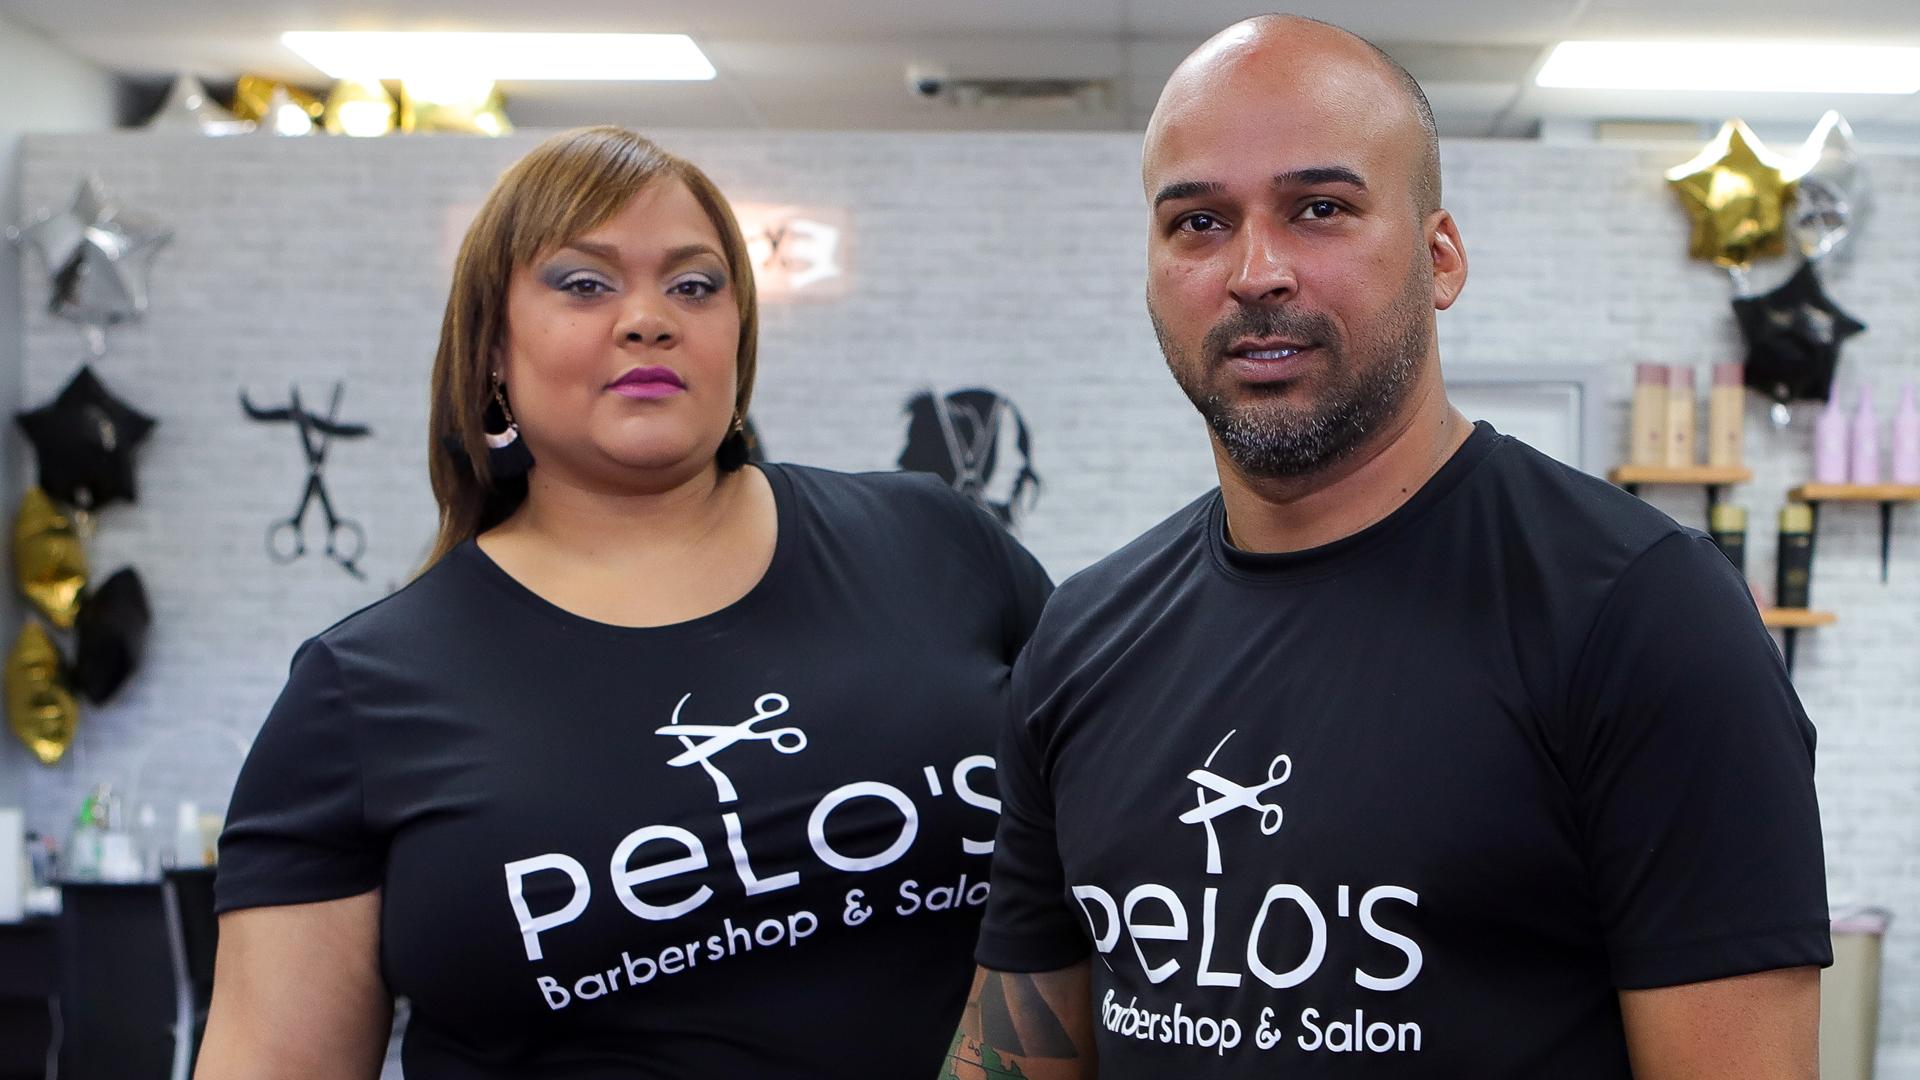 Boricuas huyen del bullicio de Orlando y encuentran un nuevo rincón